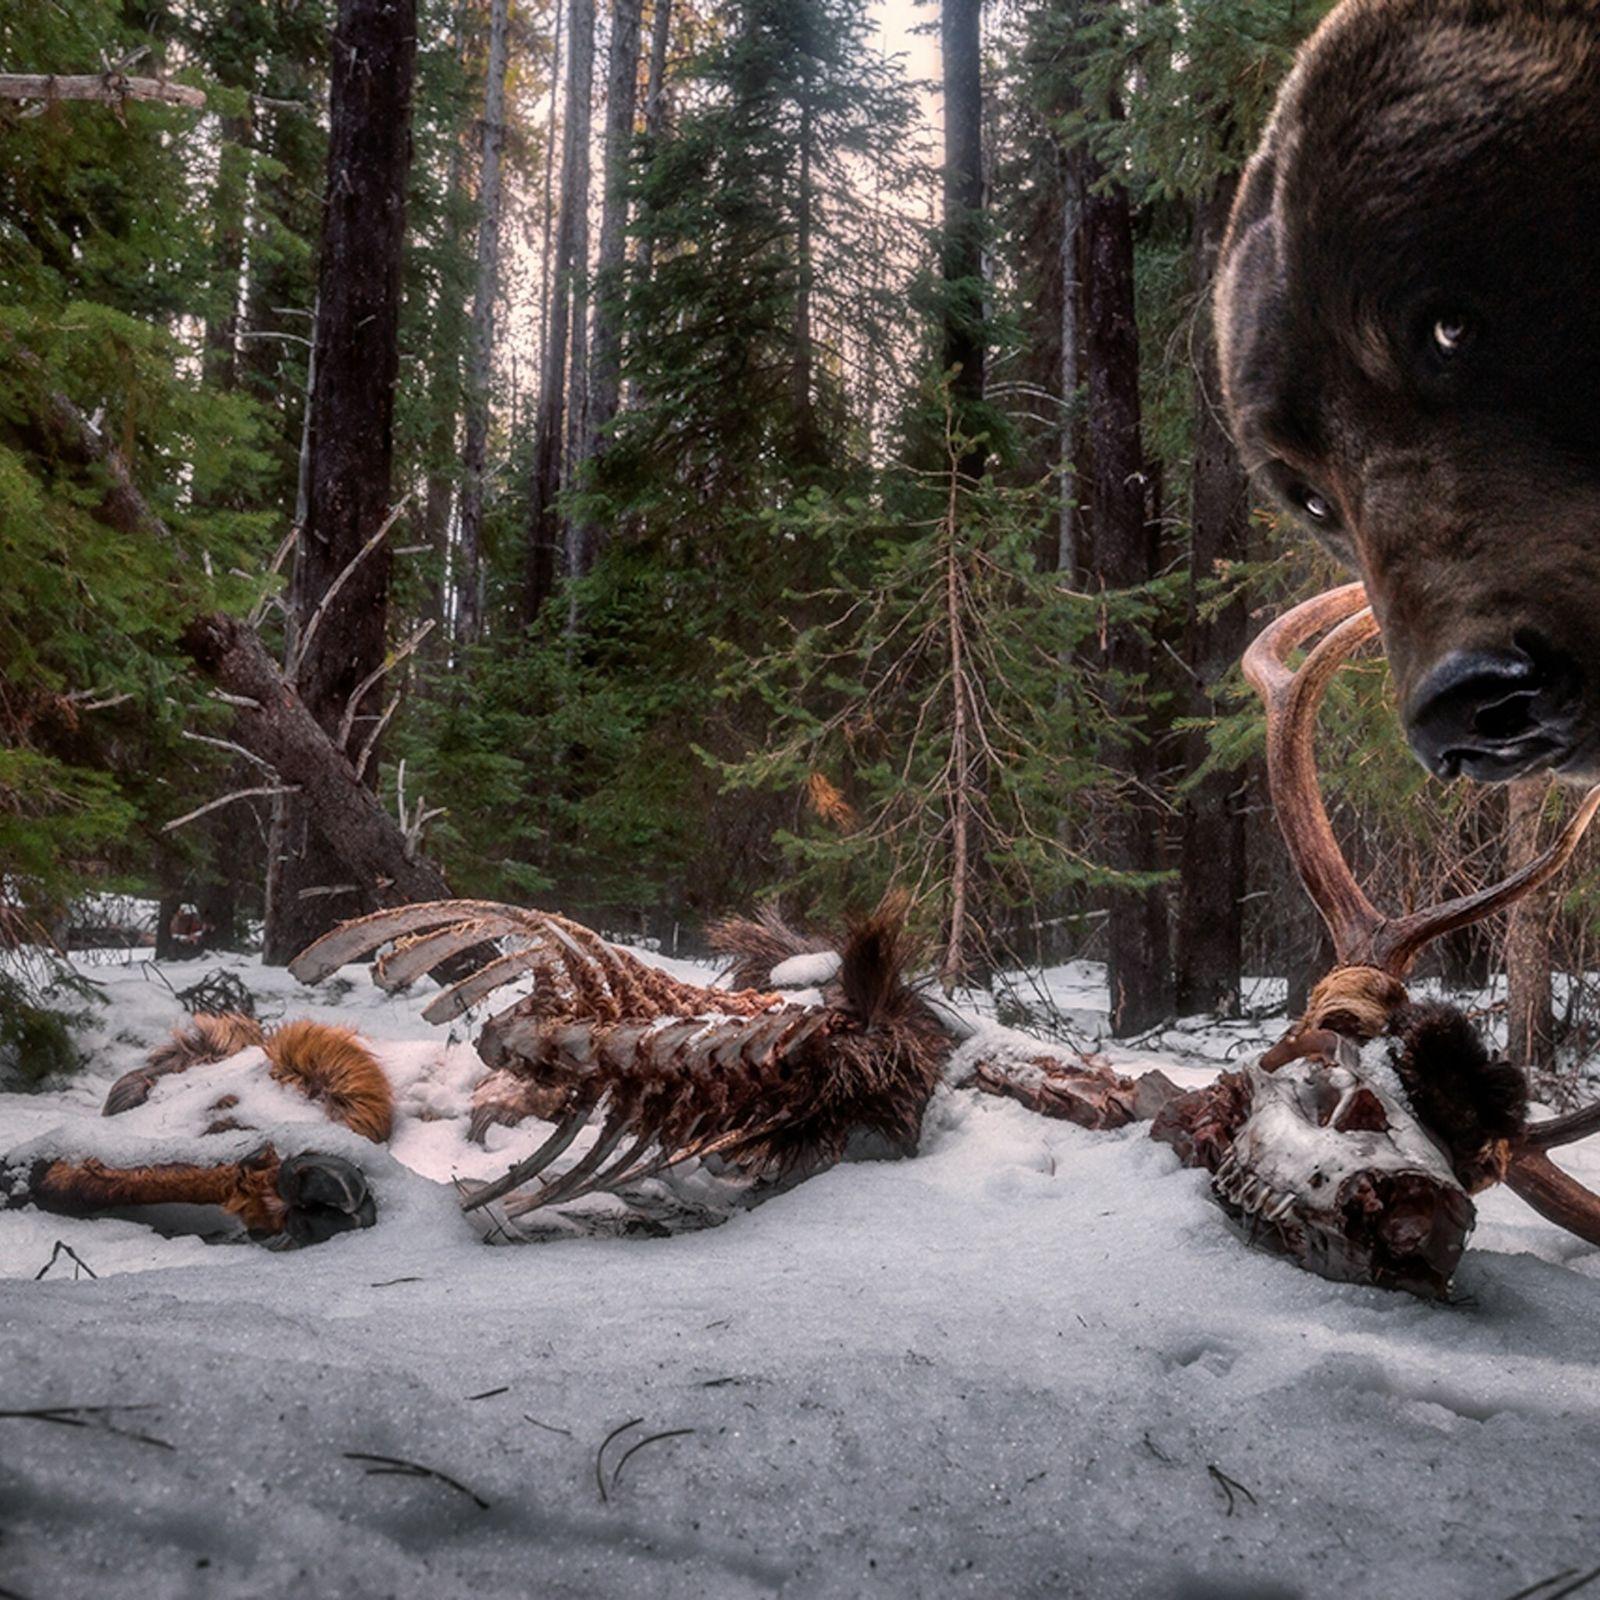 Als der amerikanische Fotograf Zak Clothier die Kamerafalle überprüfen wollte, die er in Montana neben dem ...